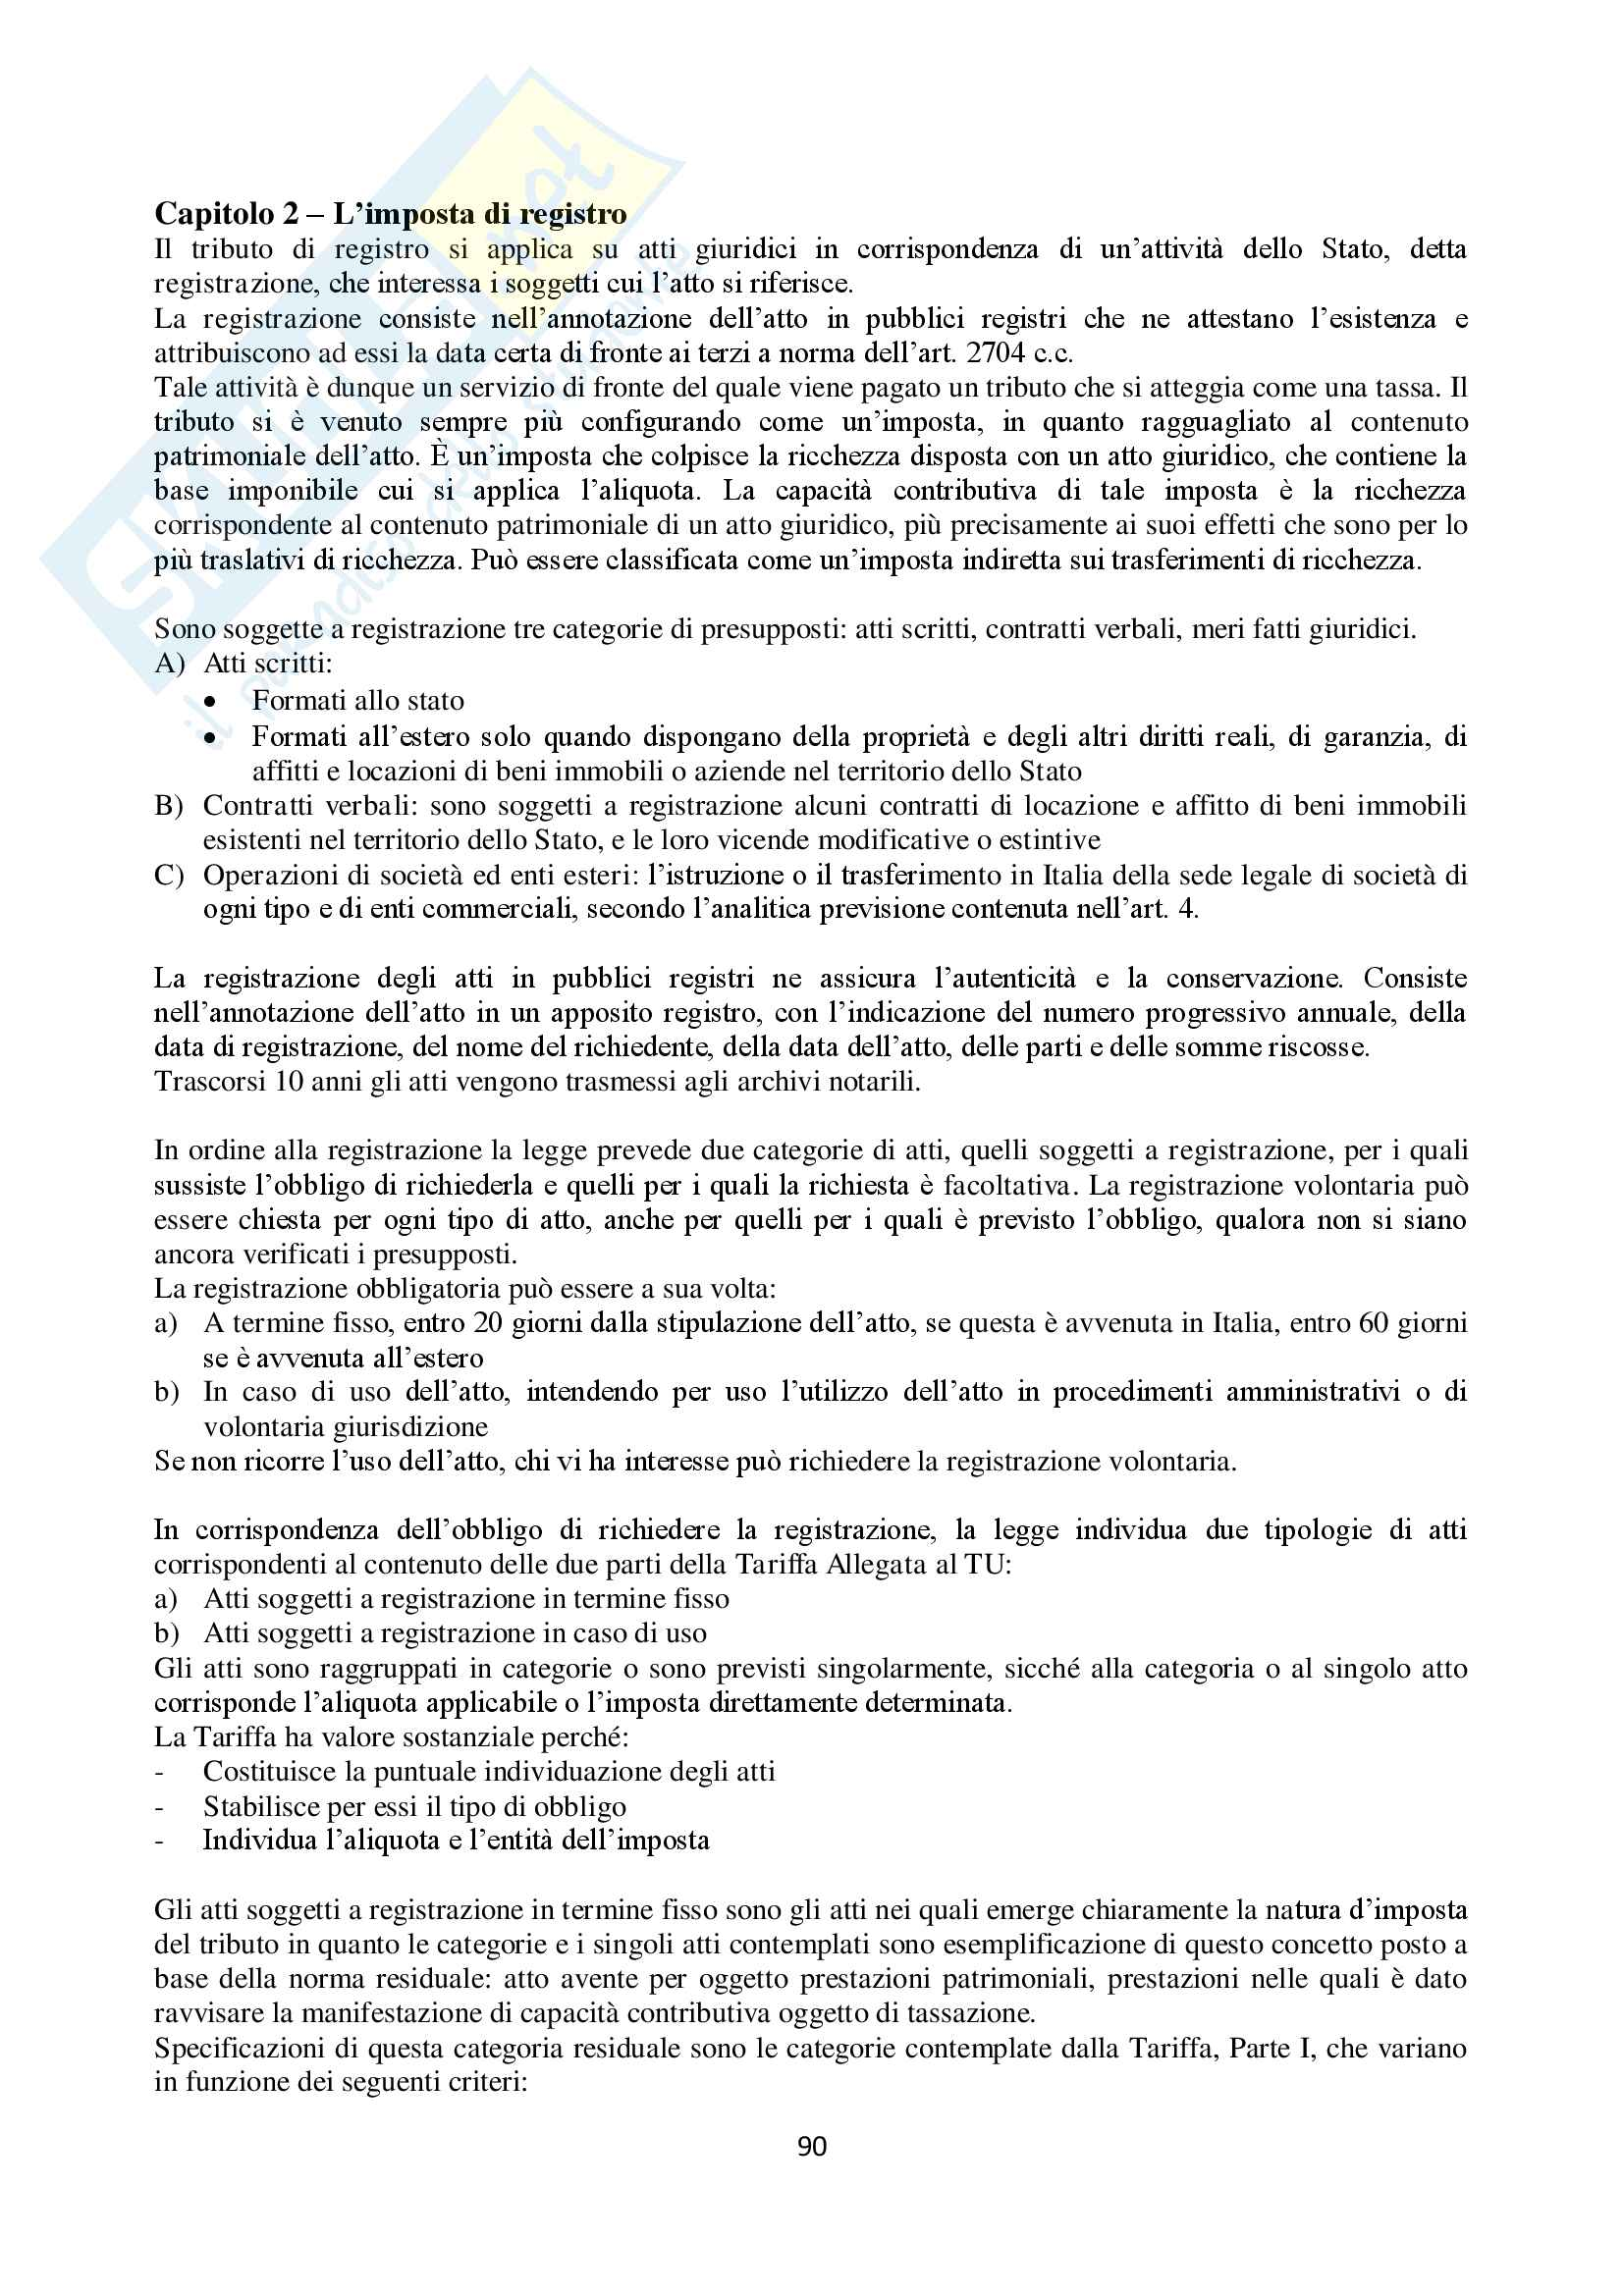 Appunti Diritto Tributario Pag. 91